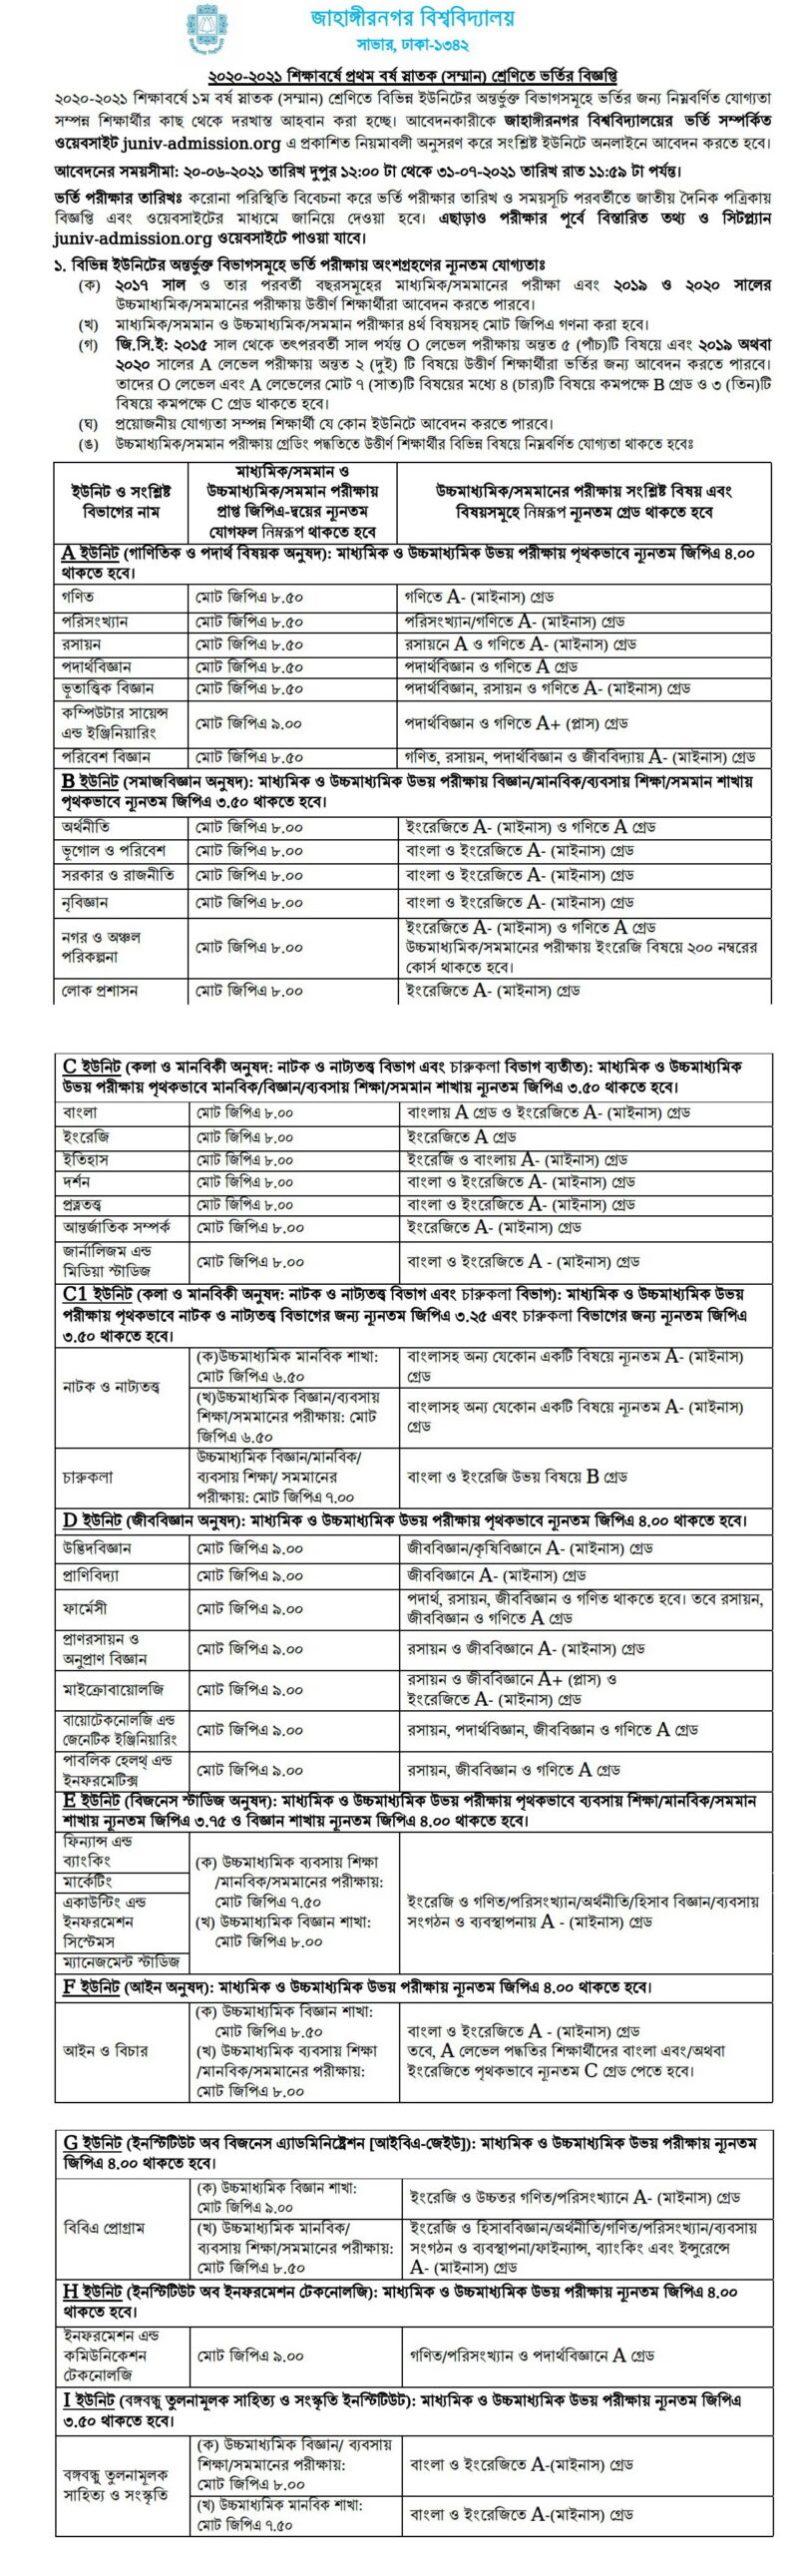 JU Undergraduate Admission Schedule 2020-21